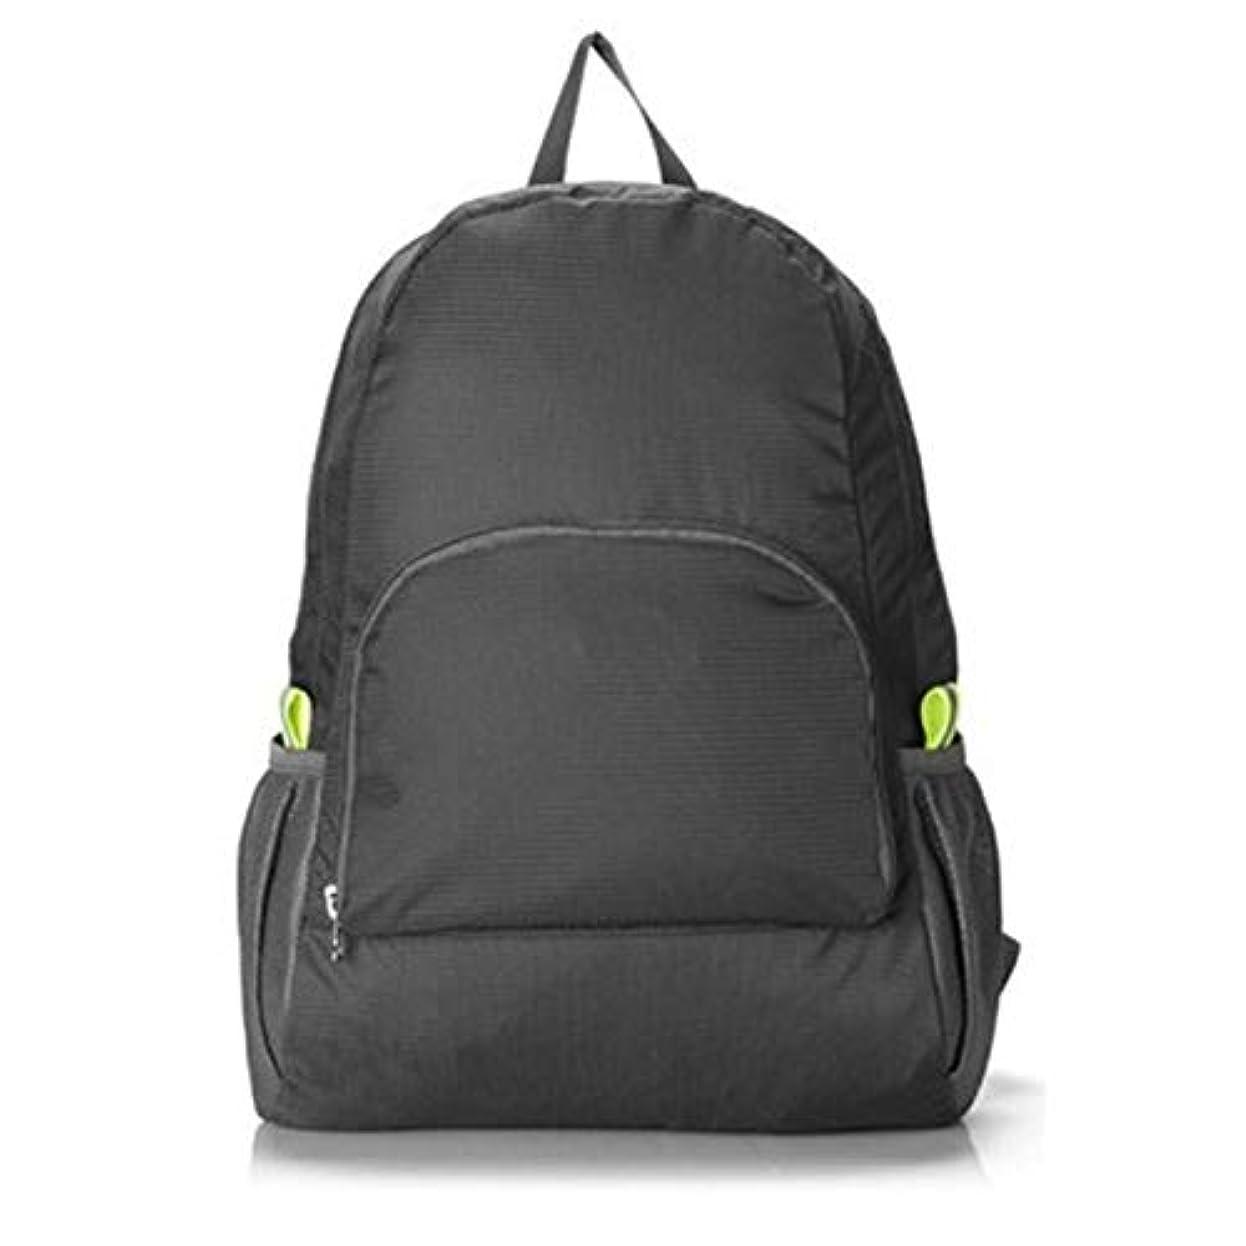 知恵オール通貨DeeploveUU 20l折りたたみ男性女性防水バックパック軽量無地旅行キャンプハイキングトレッキングバッグスクールバッグ